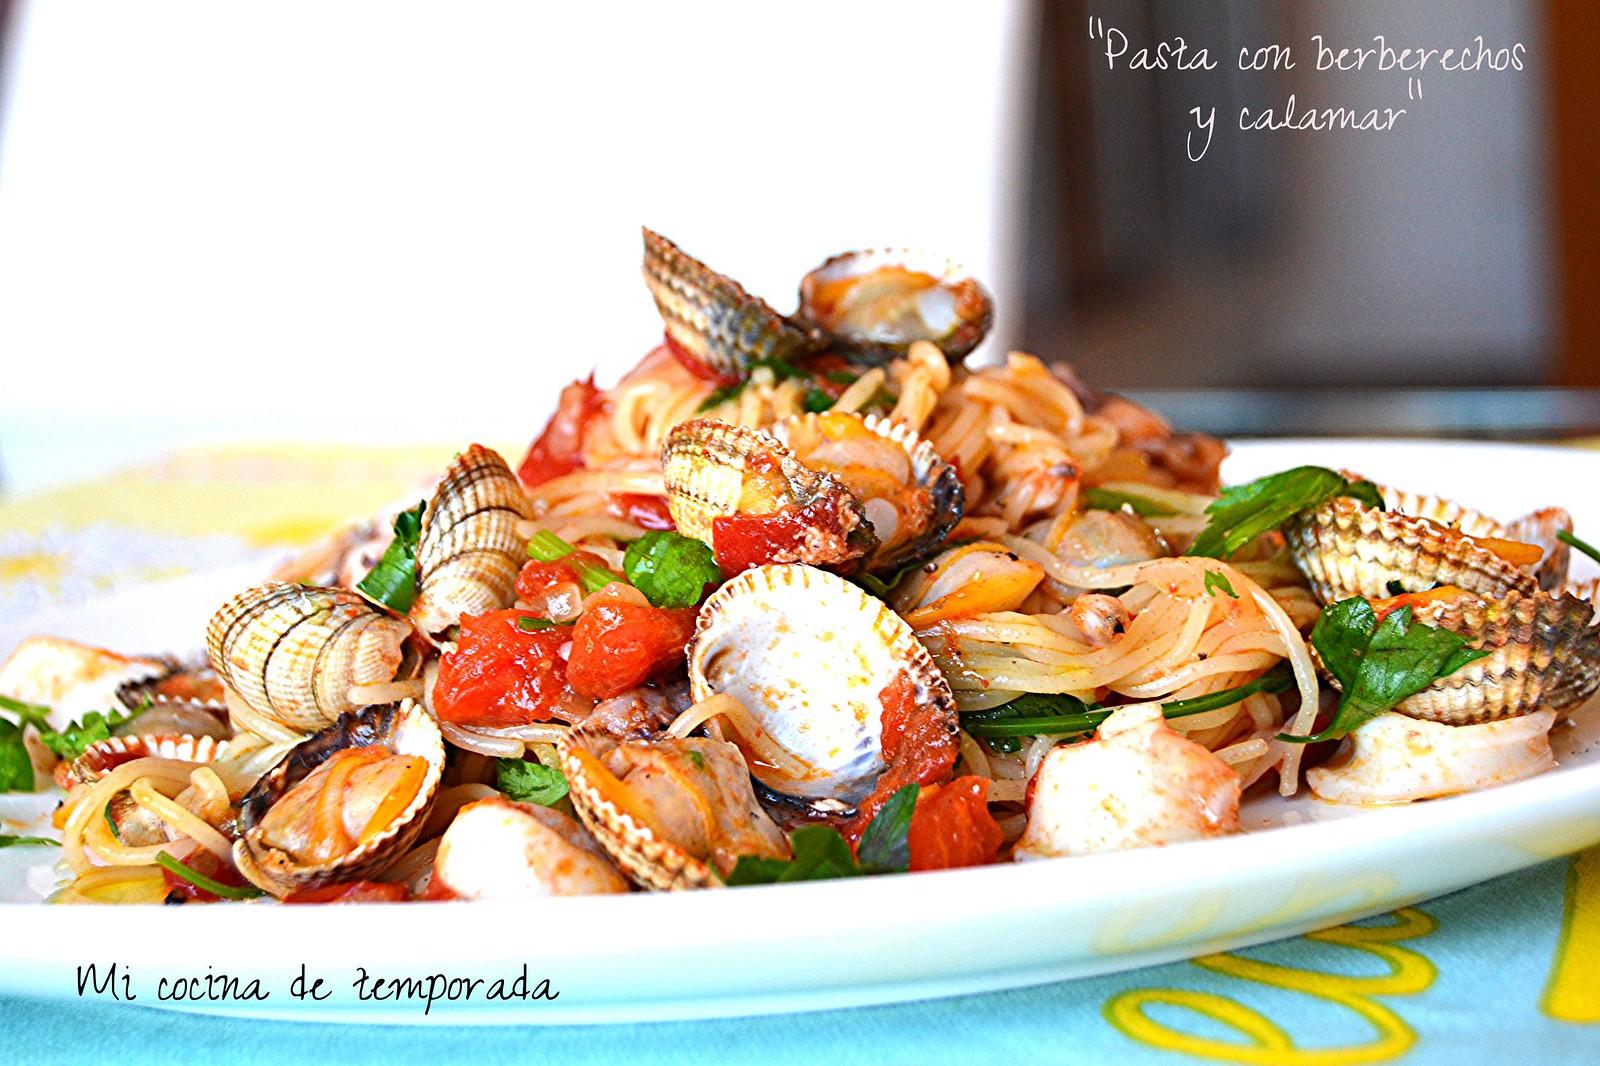 Espaguetis con berberechos y calamar 012